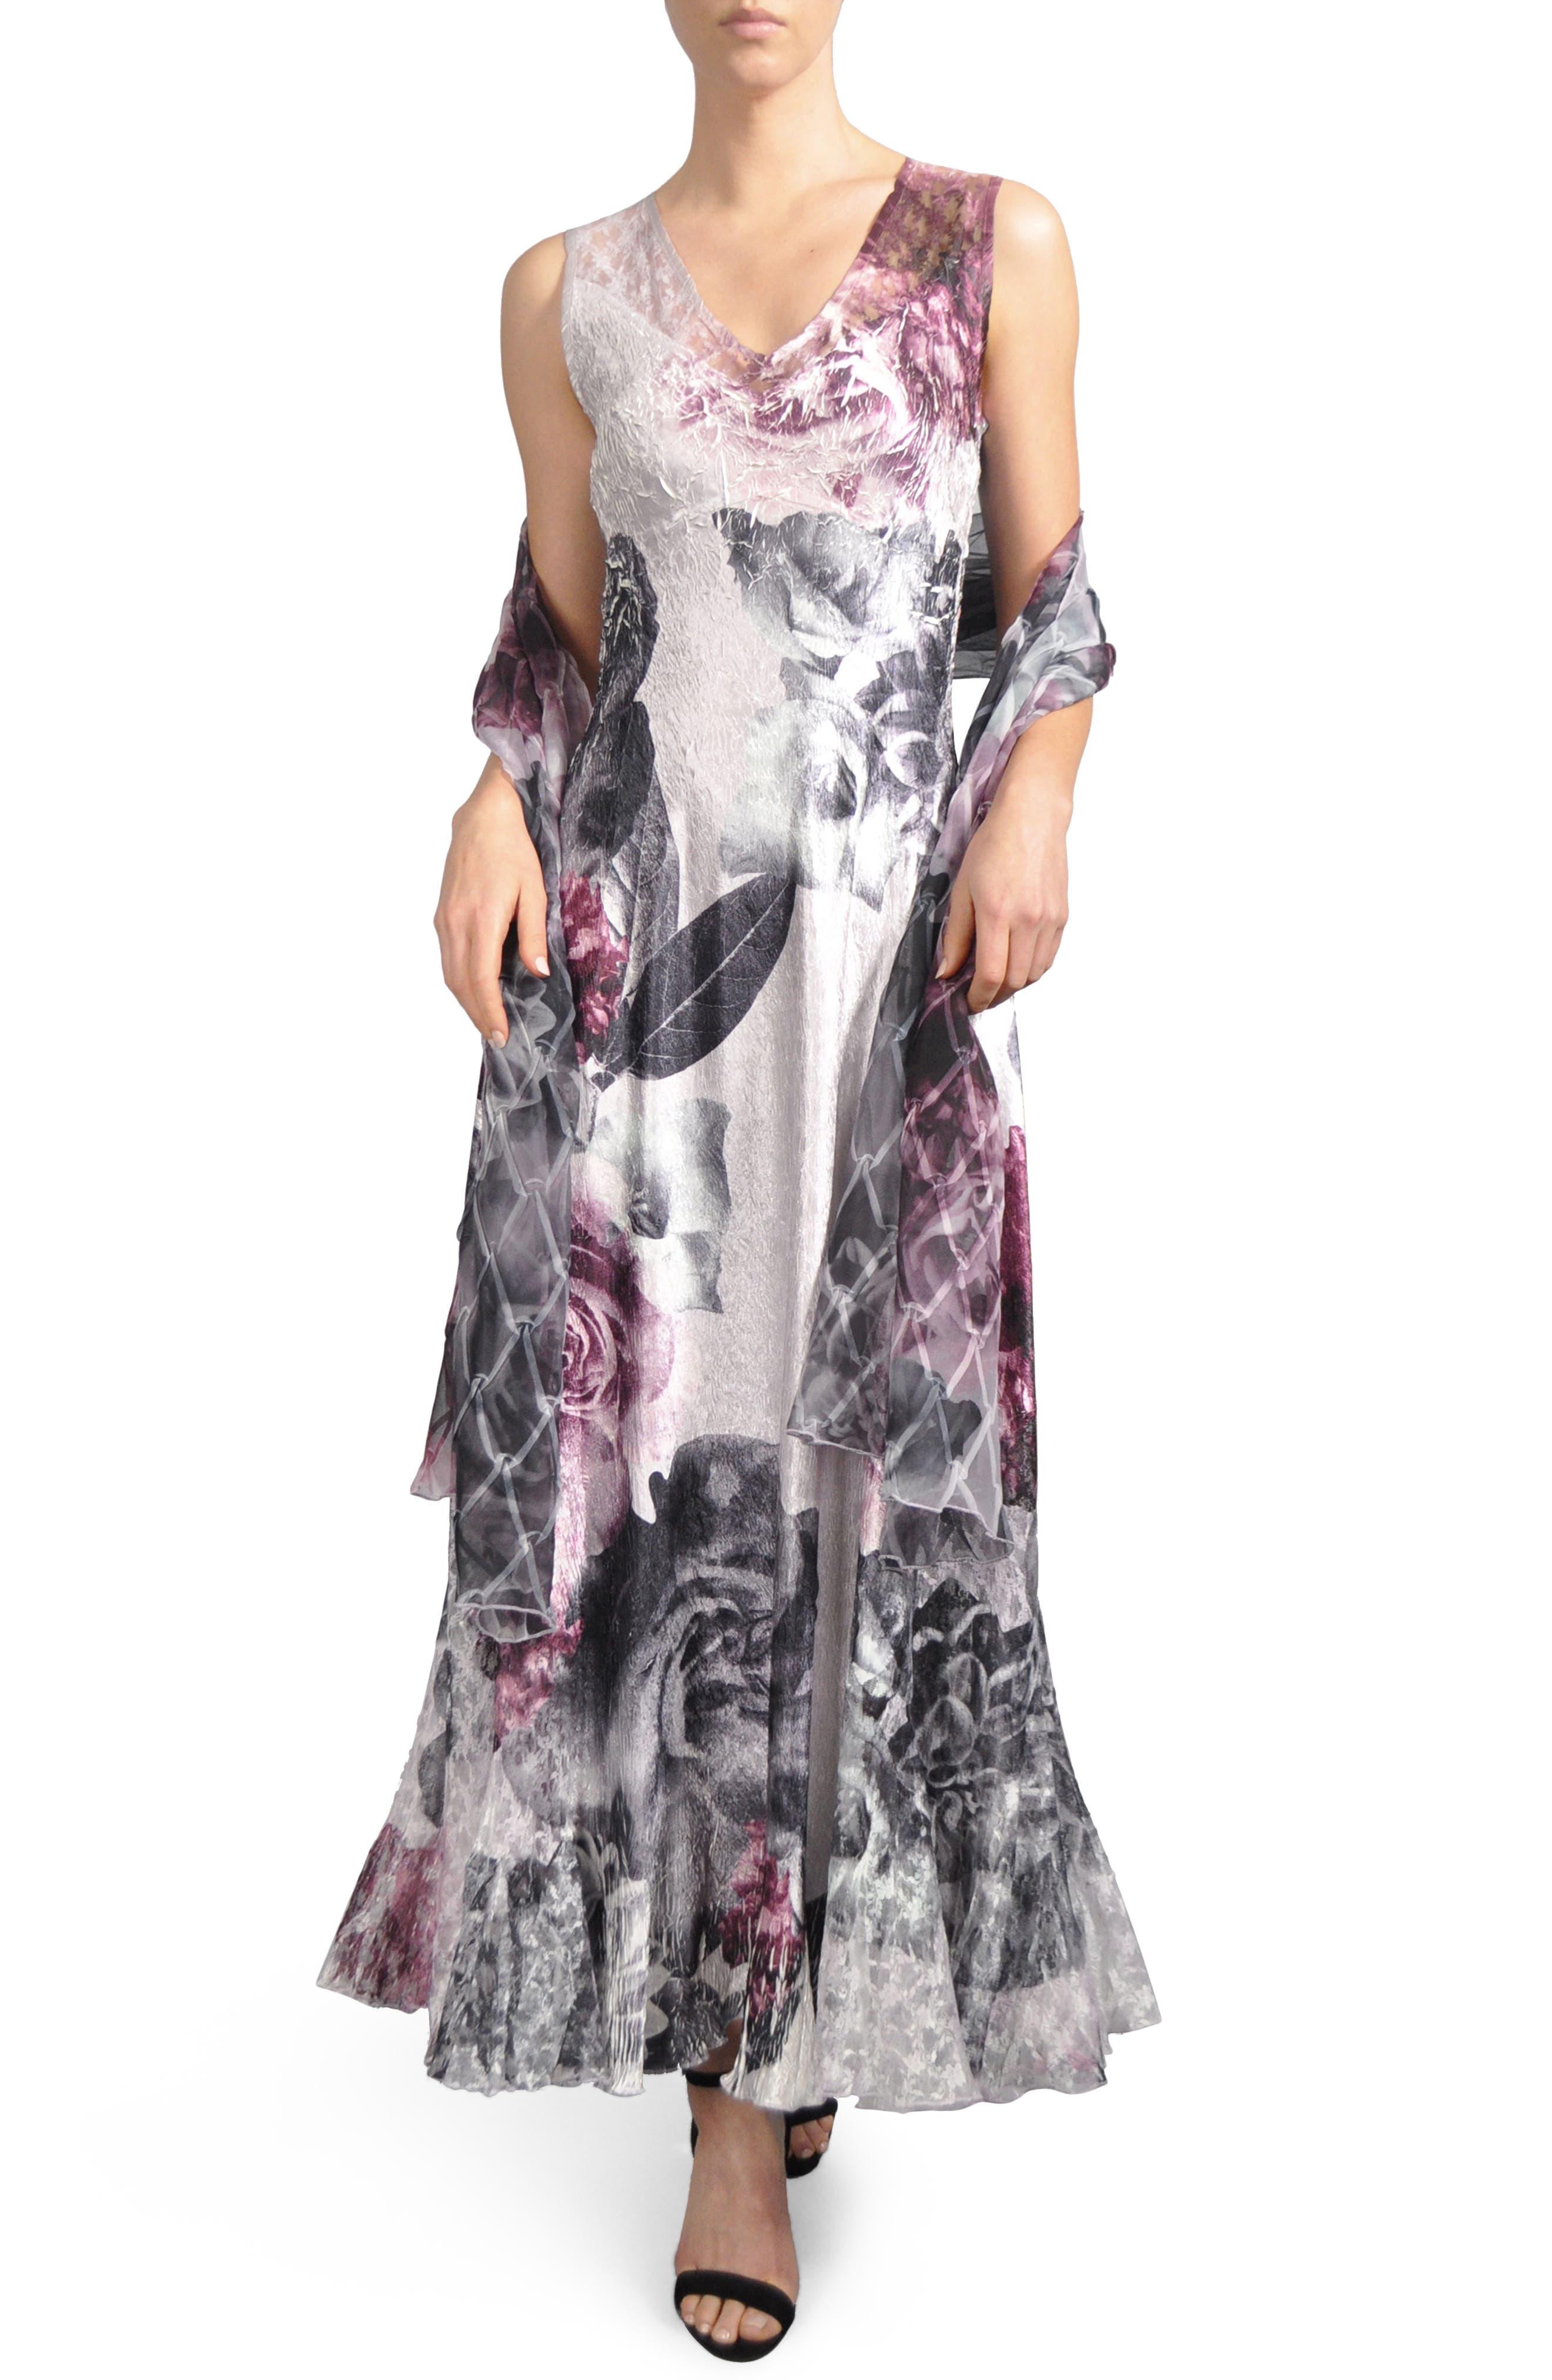 Komorav Lace-Up Back Maxi Dress with Shawl,                             Main thumbnail 1, color,                             508